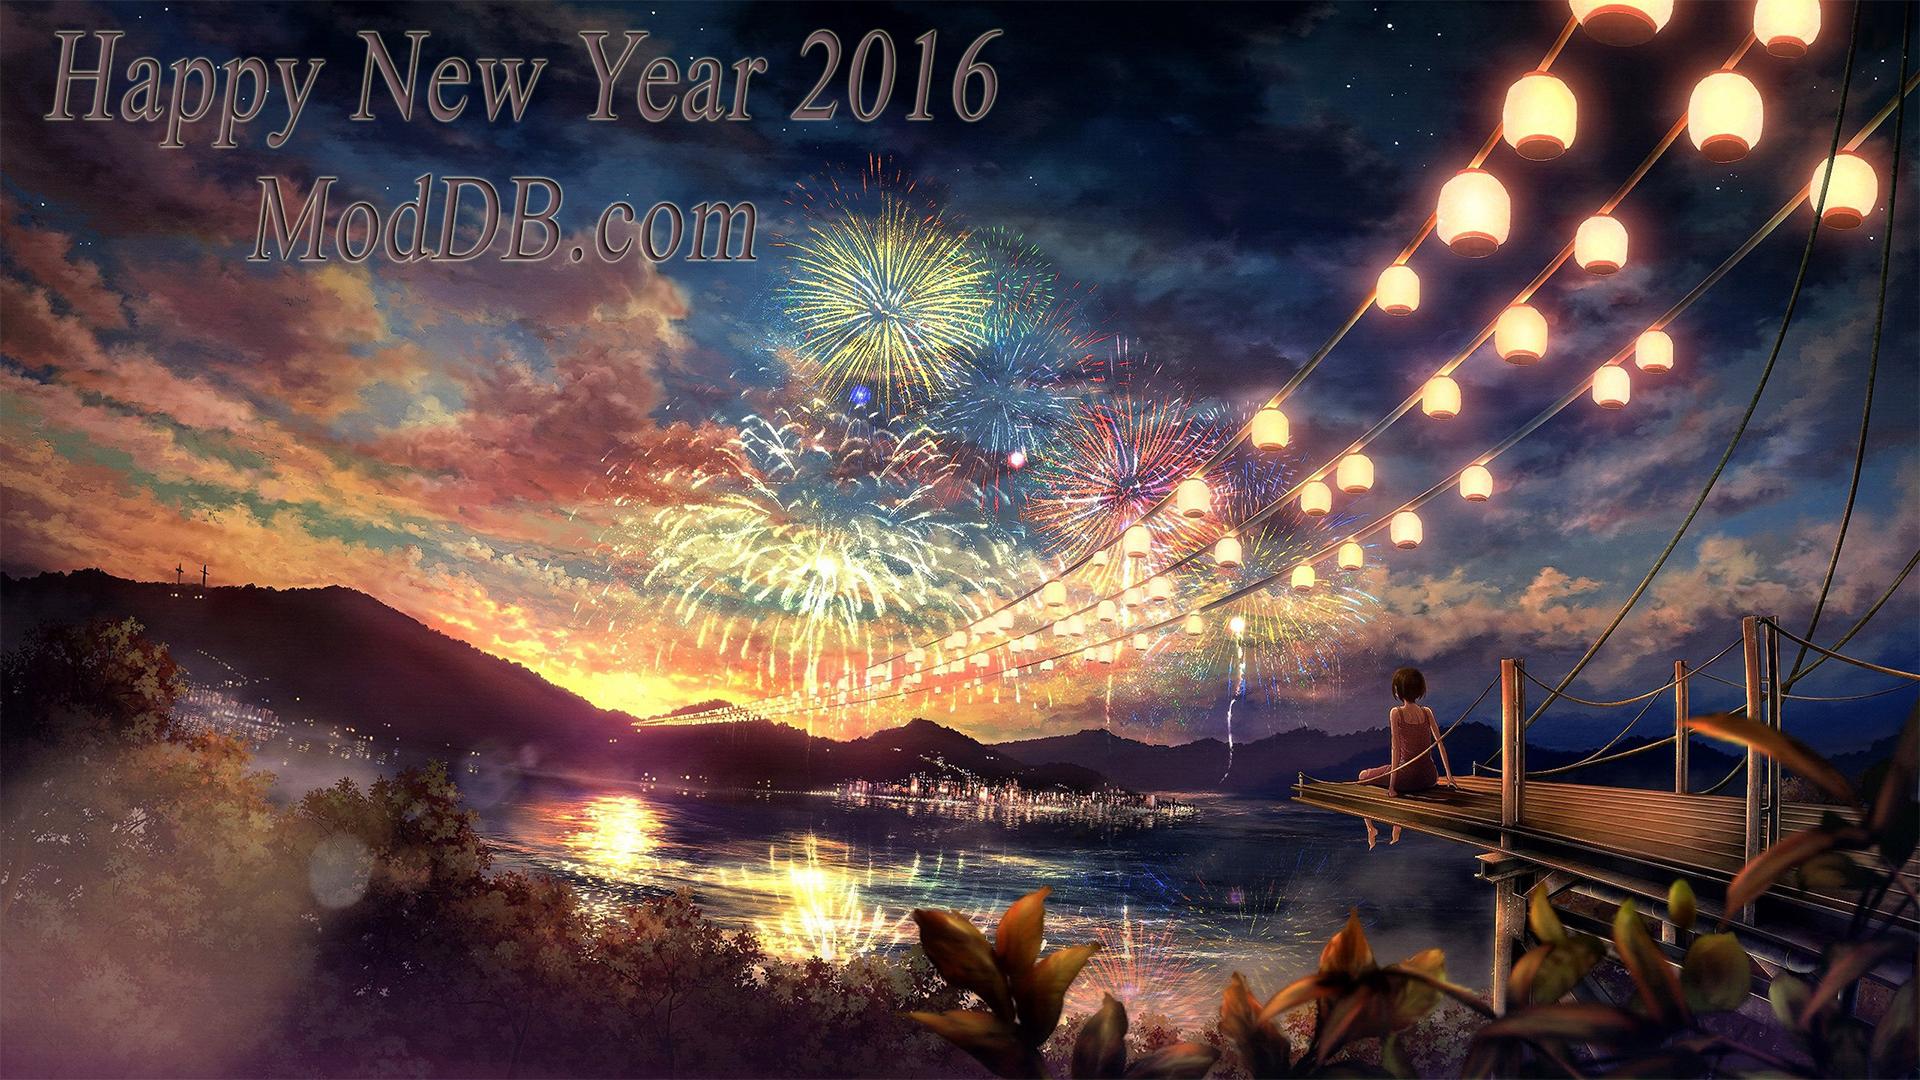 new year 2016 view original